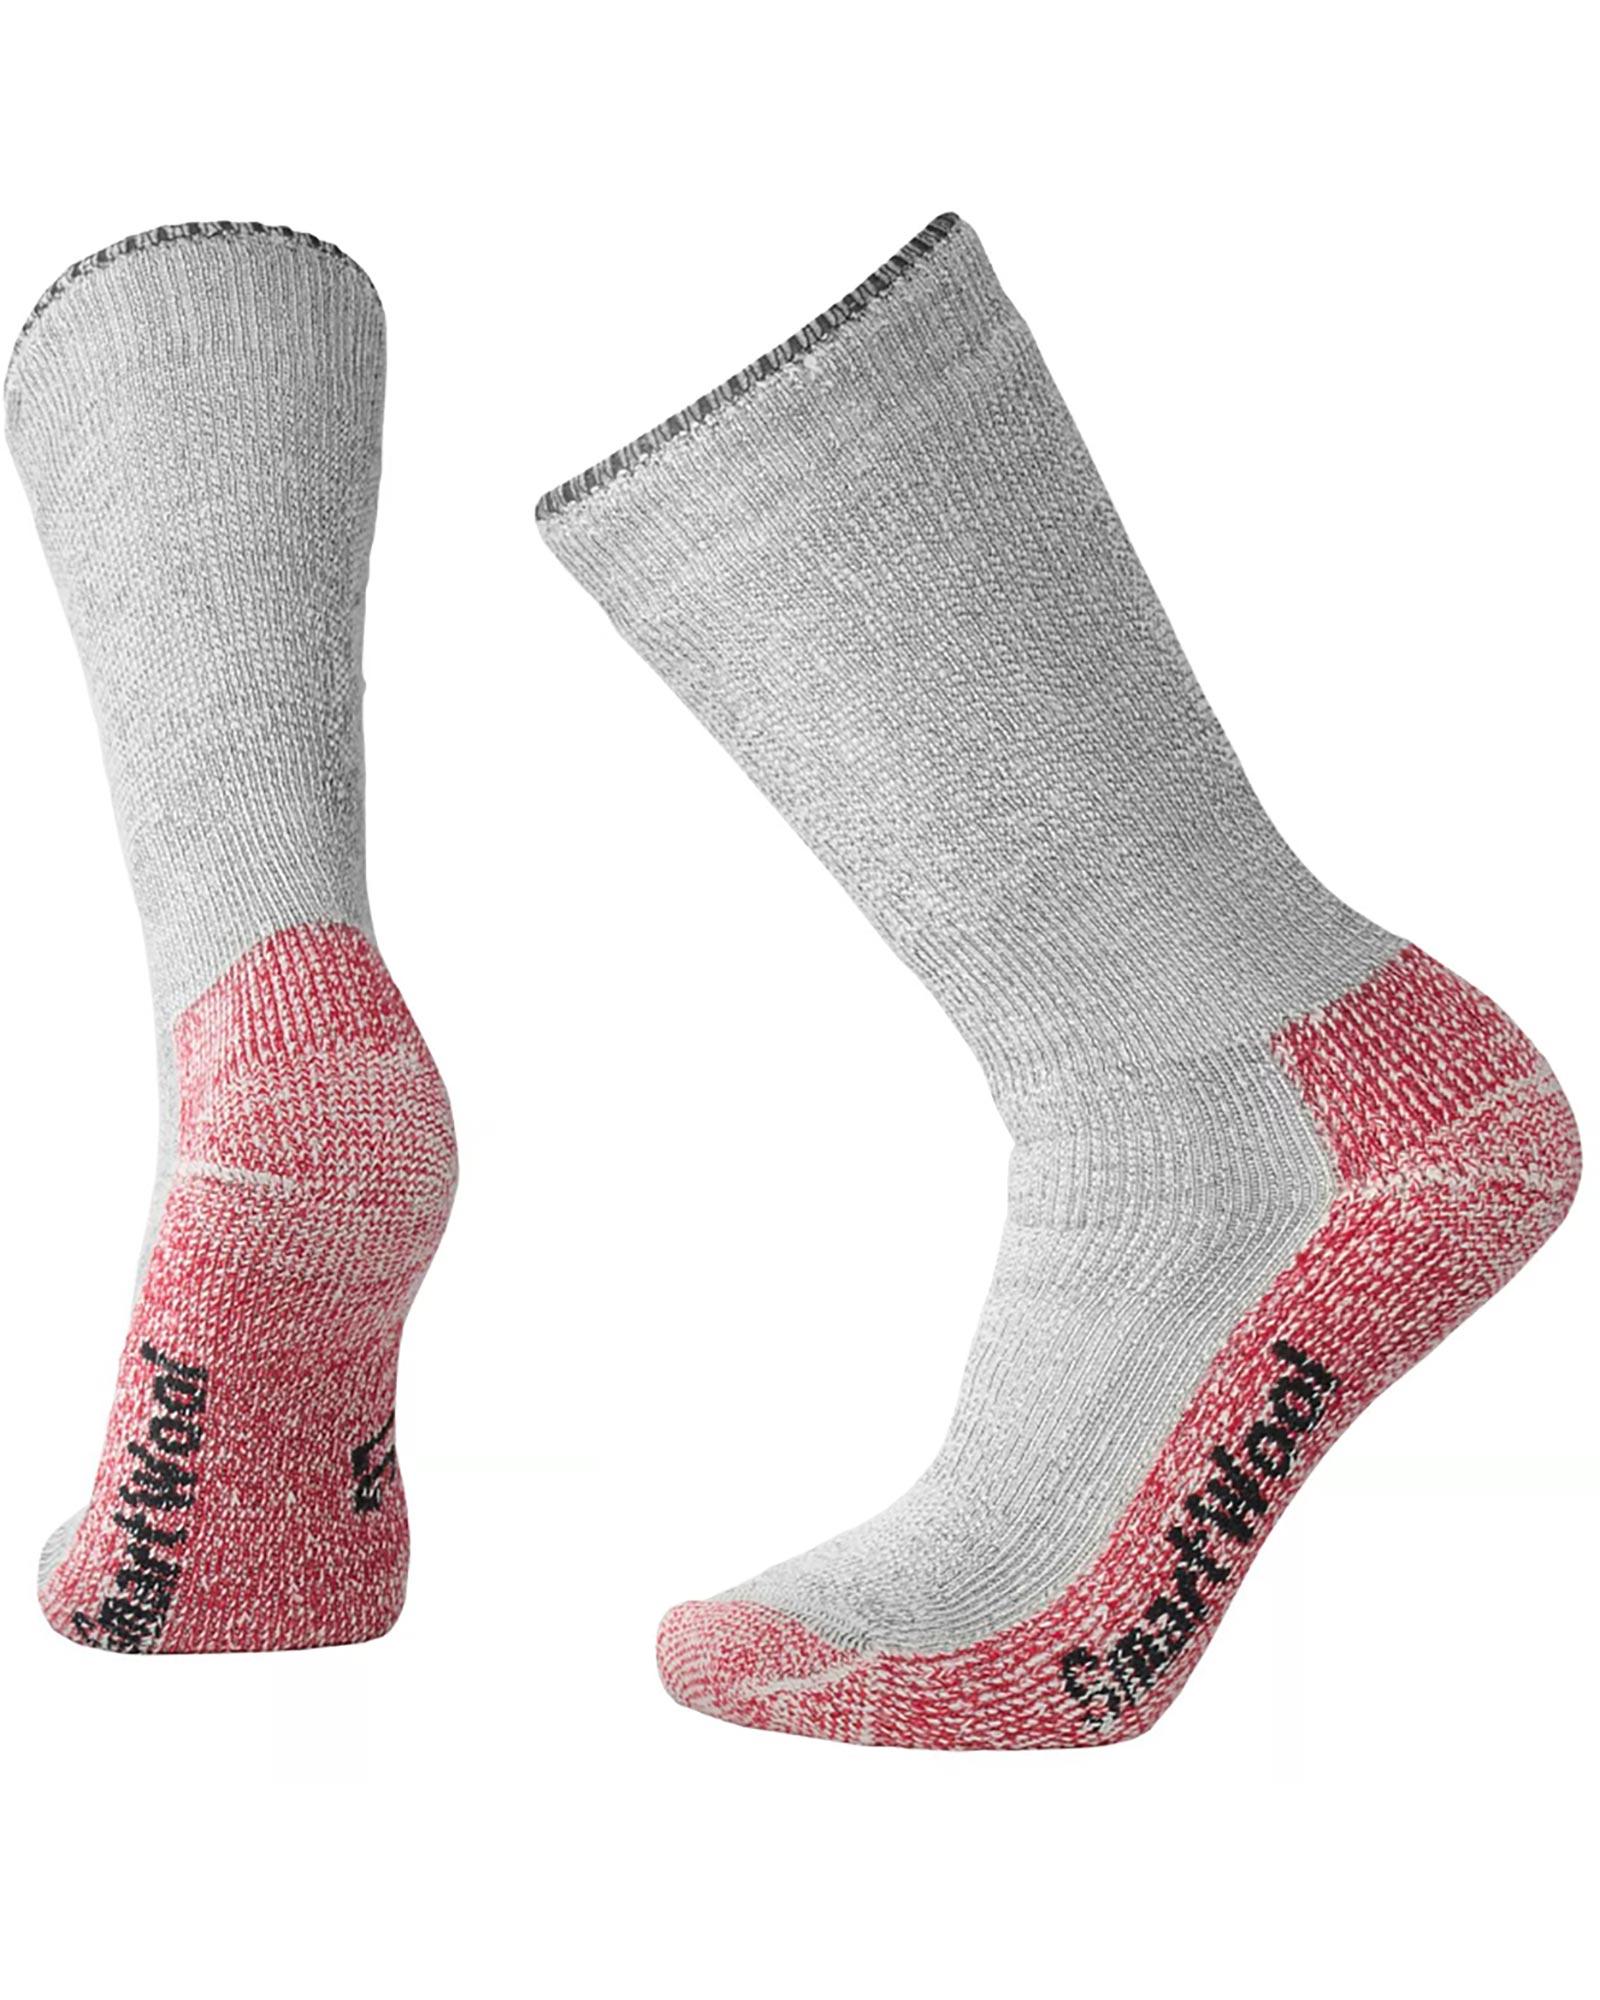 Smartwool Merino Mountaineering Extra Heavy Crew Socks 0